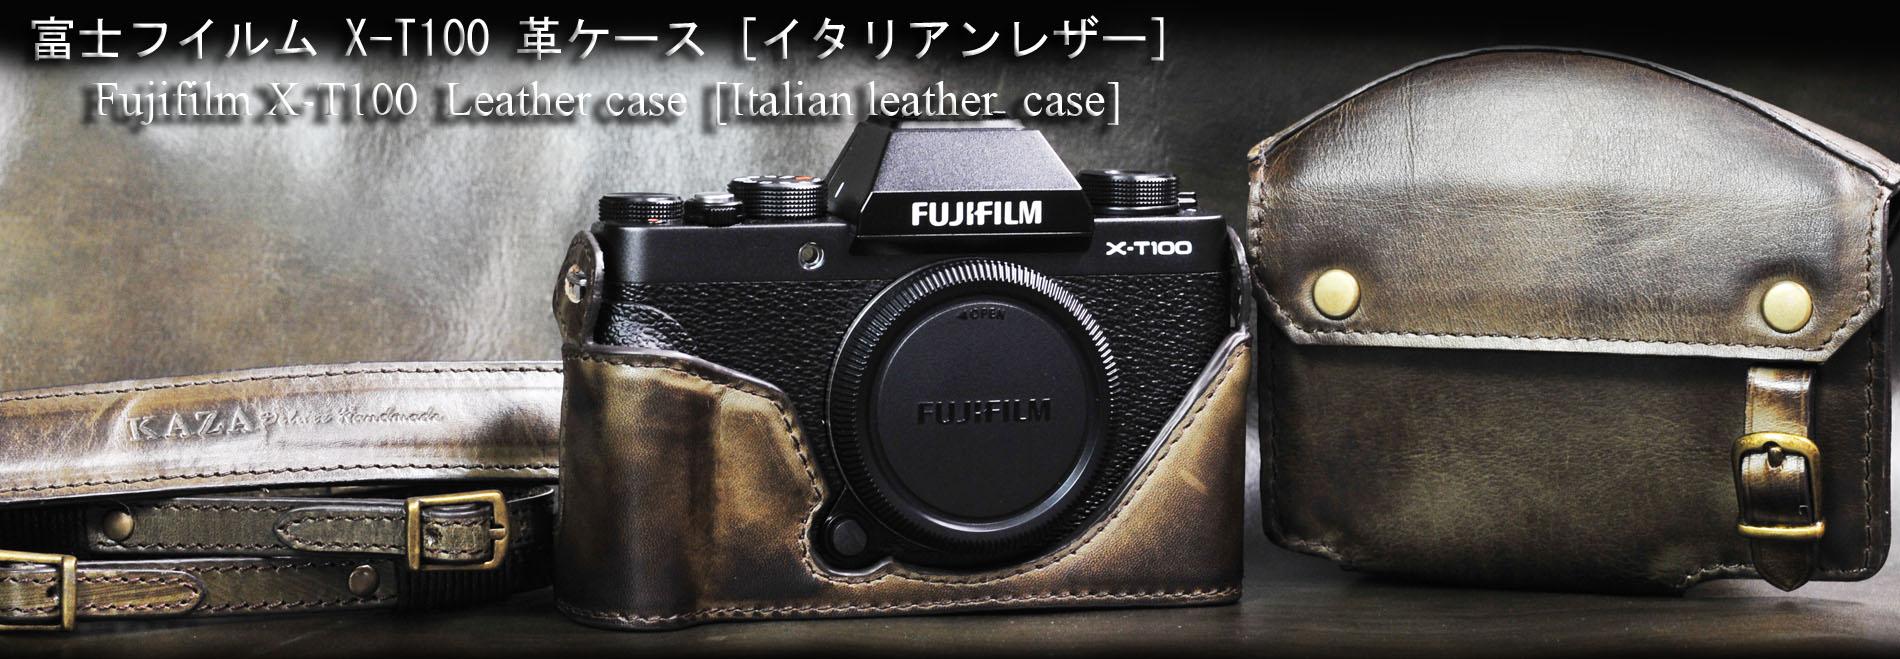 Fujifilm x-t100 Leather case 相機皮套 用カメラケース